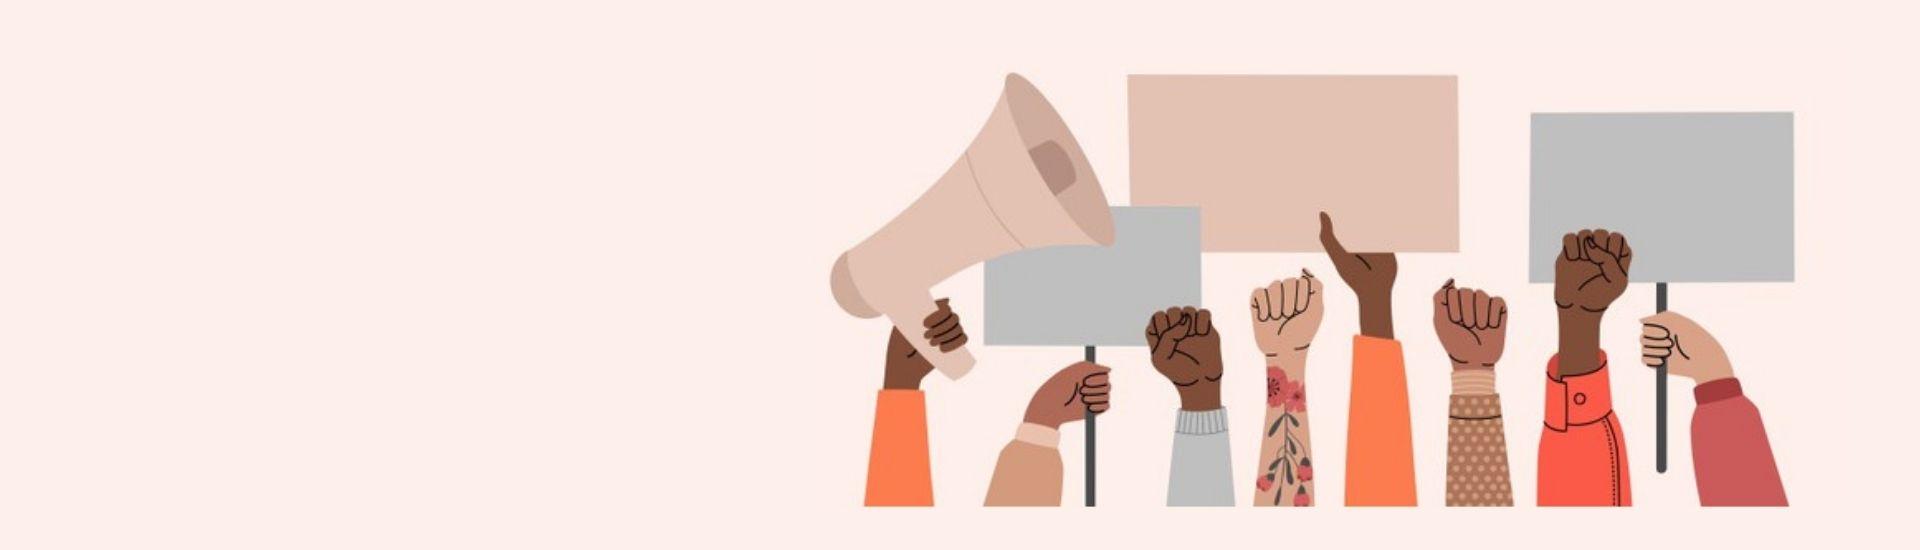 Ilustración de varias manos en alusión a las protestas feministas, mientras sostienen pancartas y pañuelos